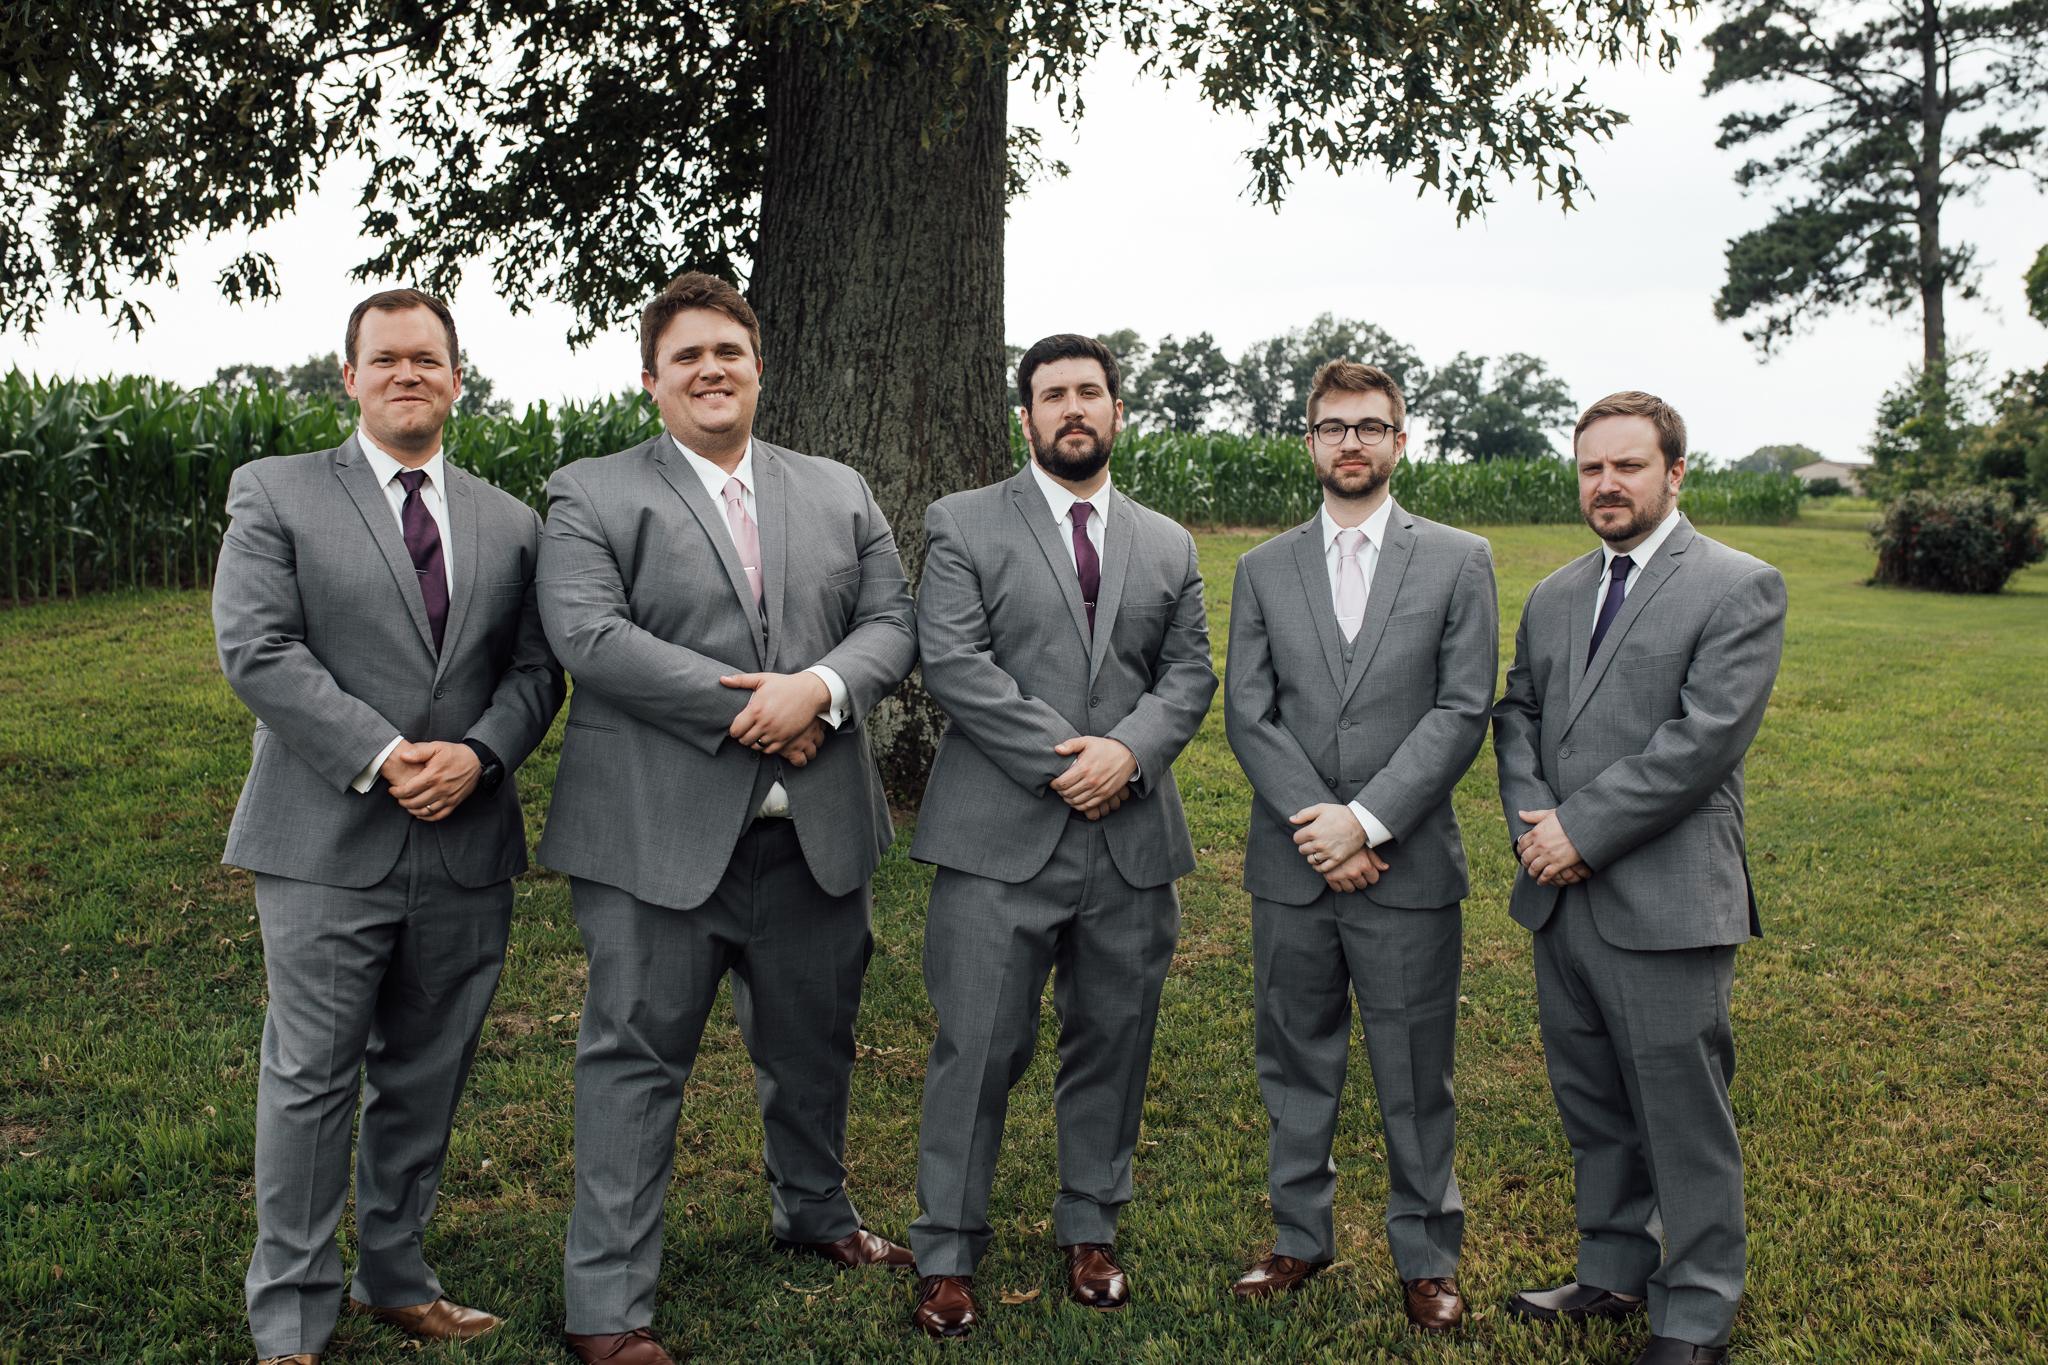 thewarmtharoundyou-wildwood-mckenzie-tn-wedding-memphis-wedding-photographers (39 of 75).jpg